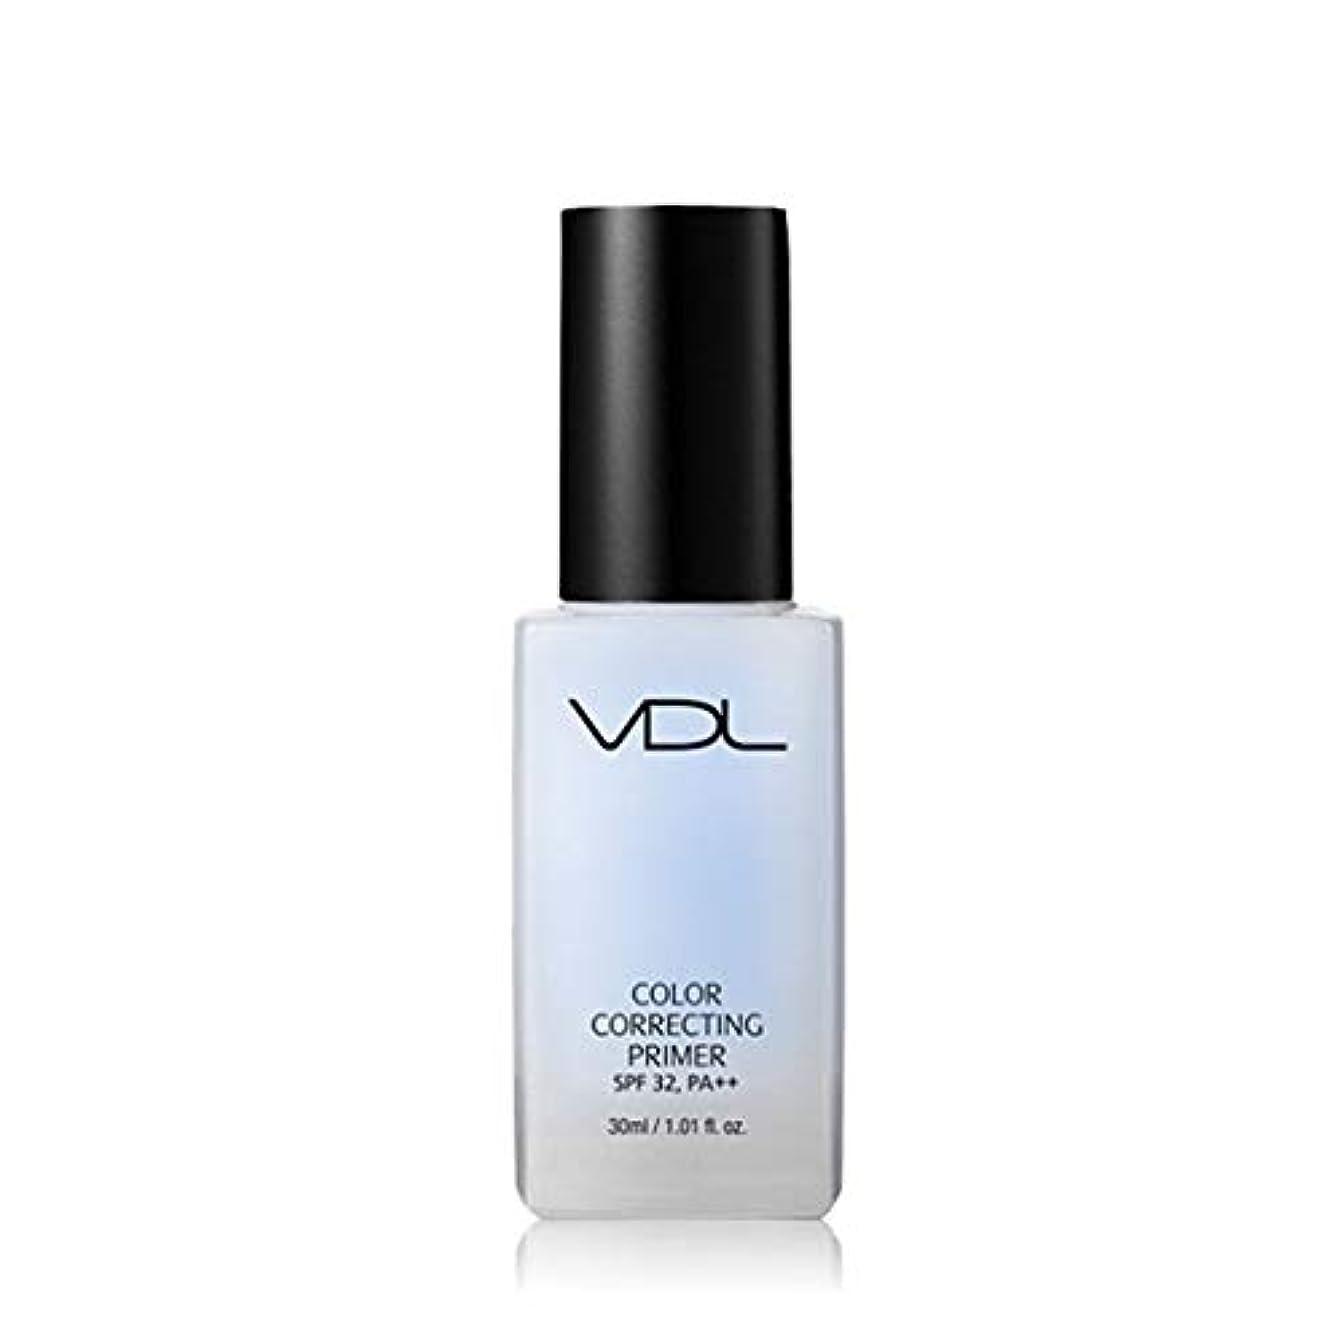 適度な値下げ水星VDLカラーコレクティンプライマー30ml 3カラーメイクアップベース、VDL Color Correcting Primer 30ml 3-Colors Make-up Base [並行輸入品] (Serenity)